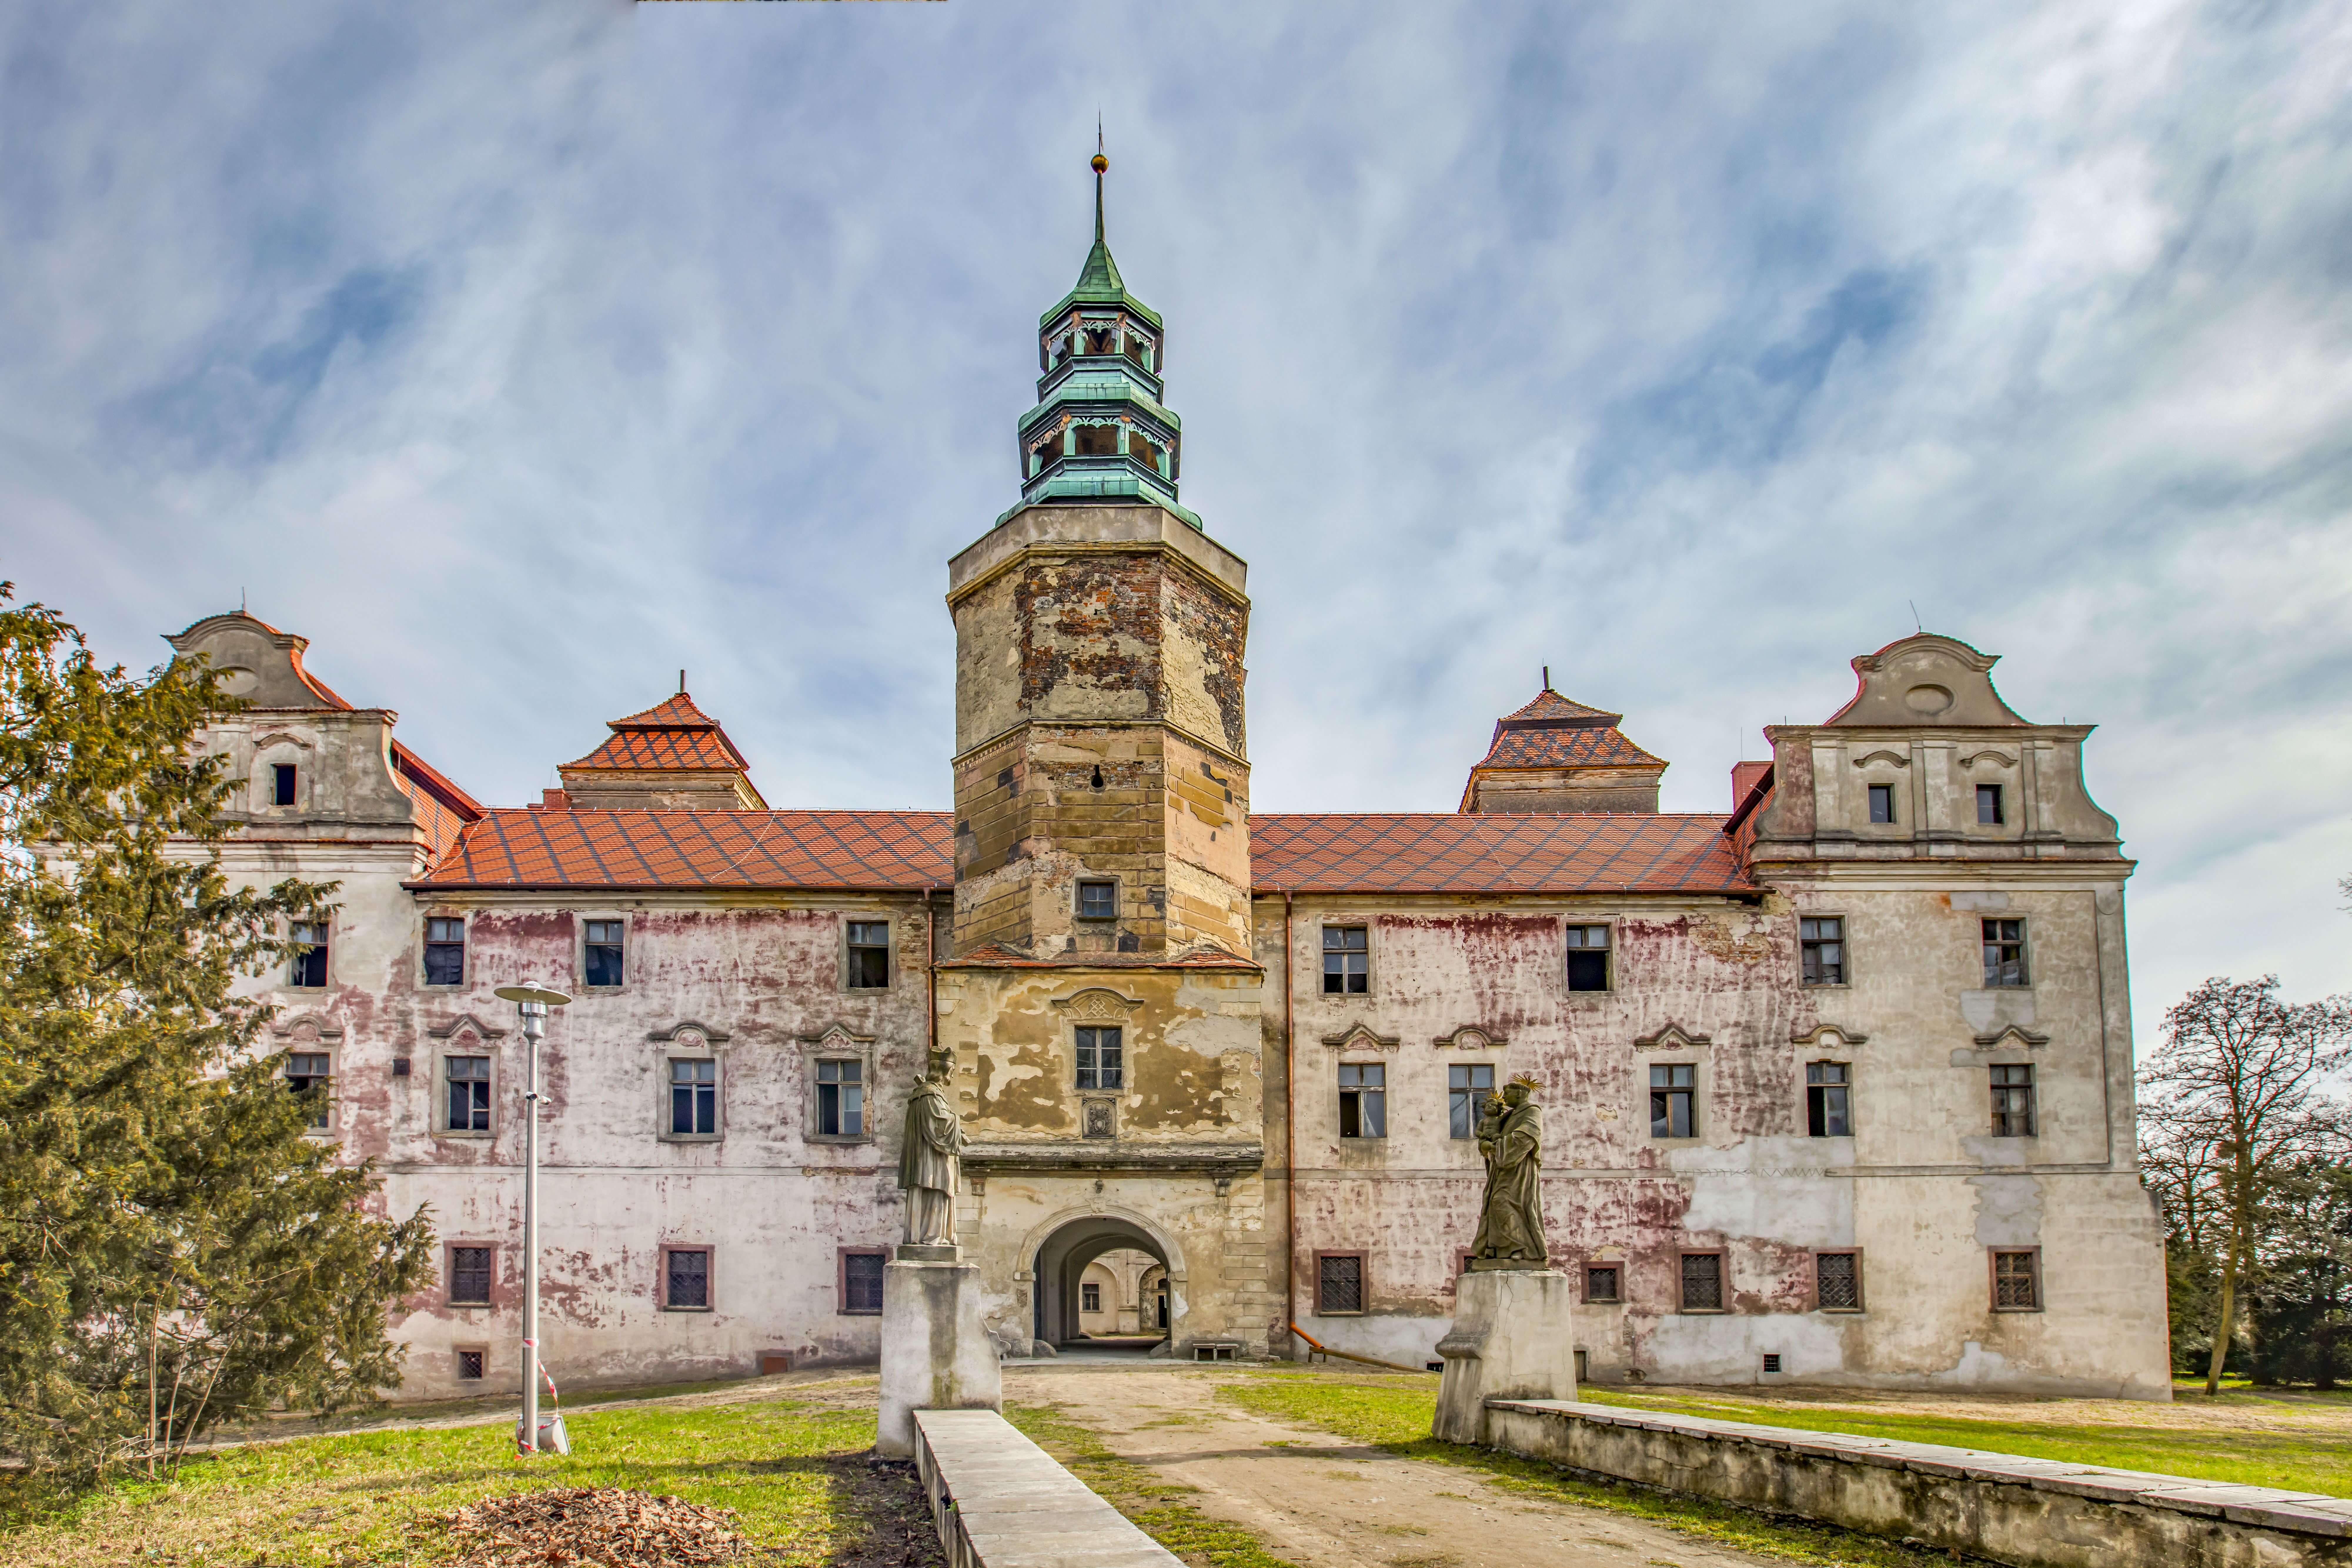 Zamek w Niemodlinie. Zwycięzca rankingu w konkursie Polskiej Organizacji Turystycznej